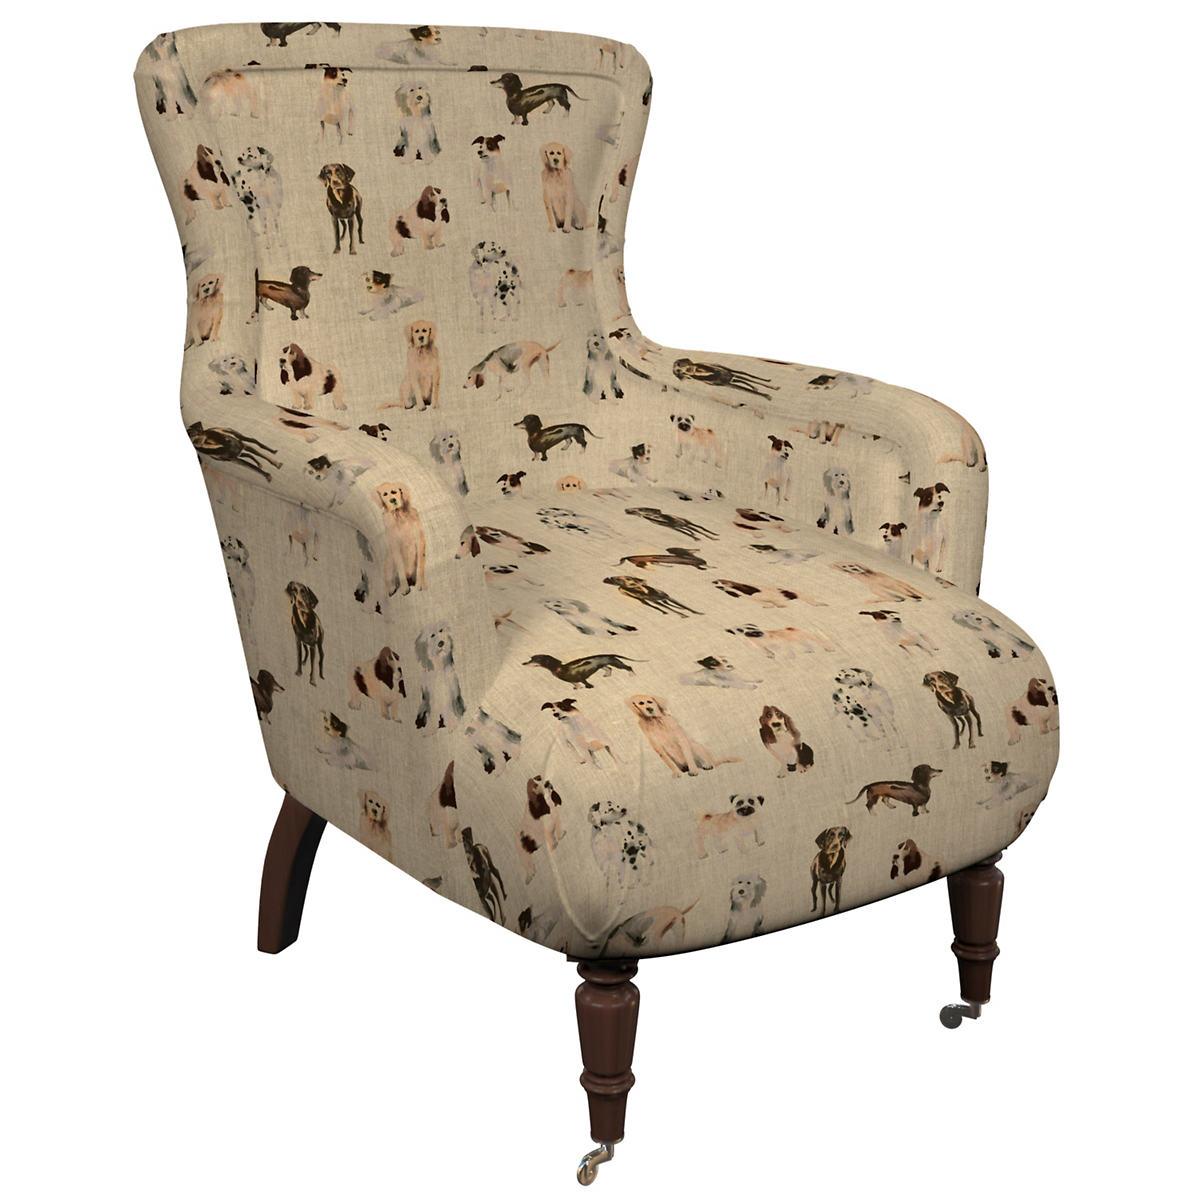 Woof Charleston Chair